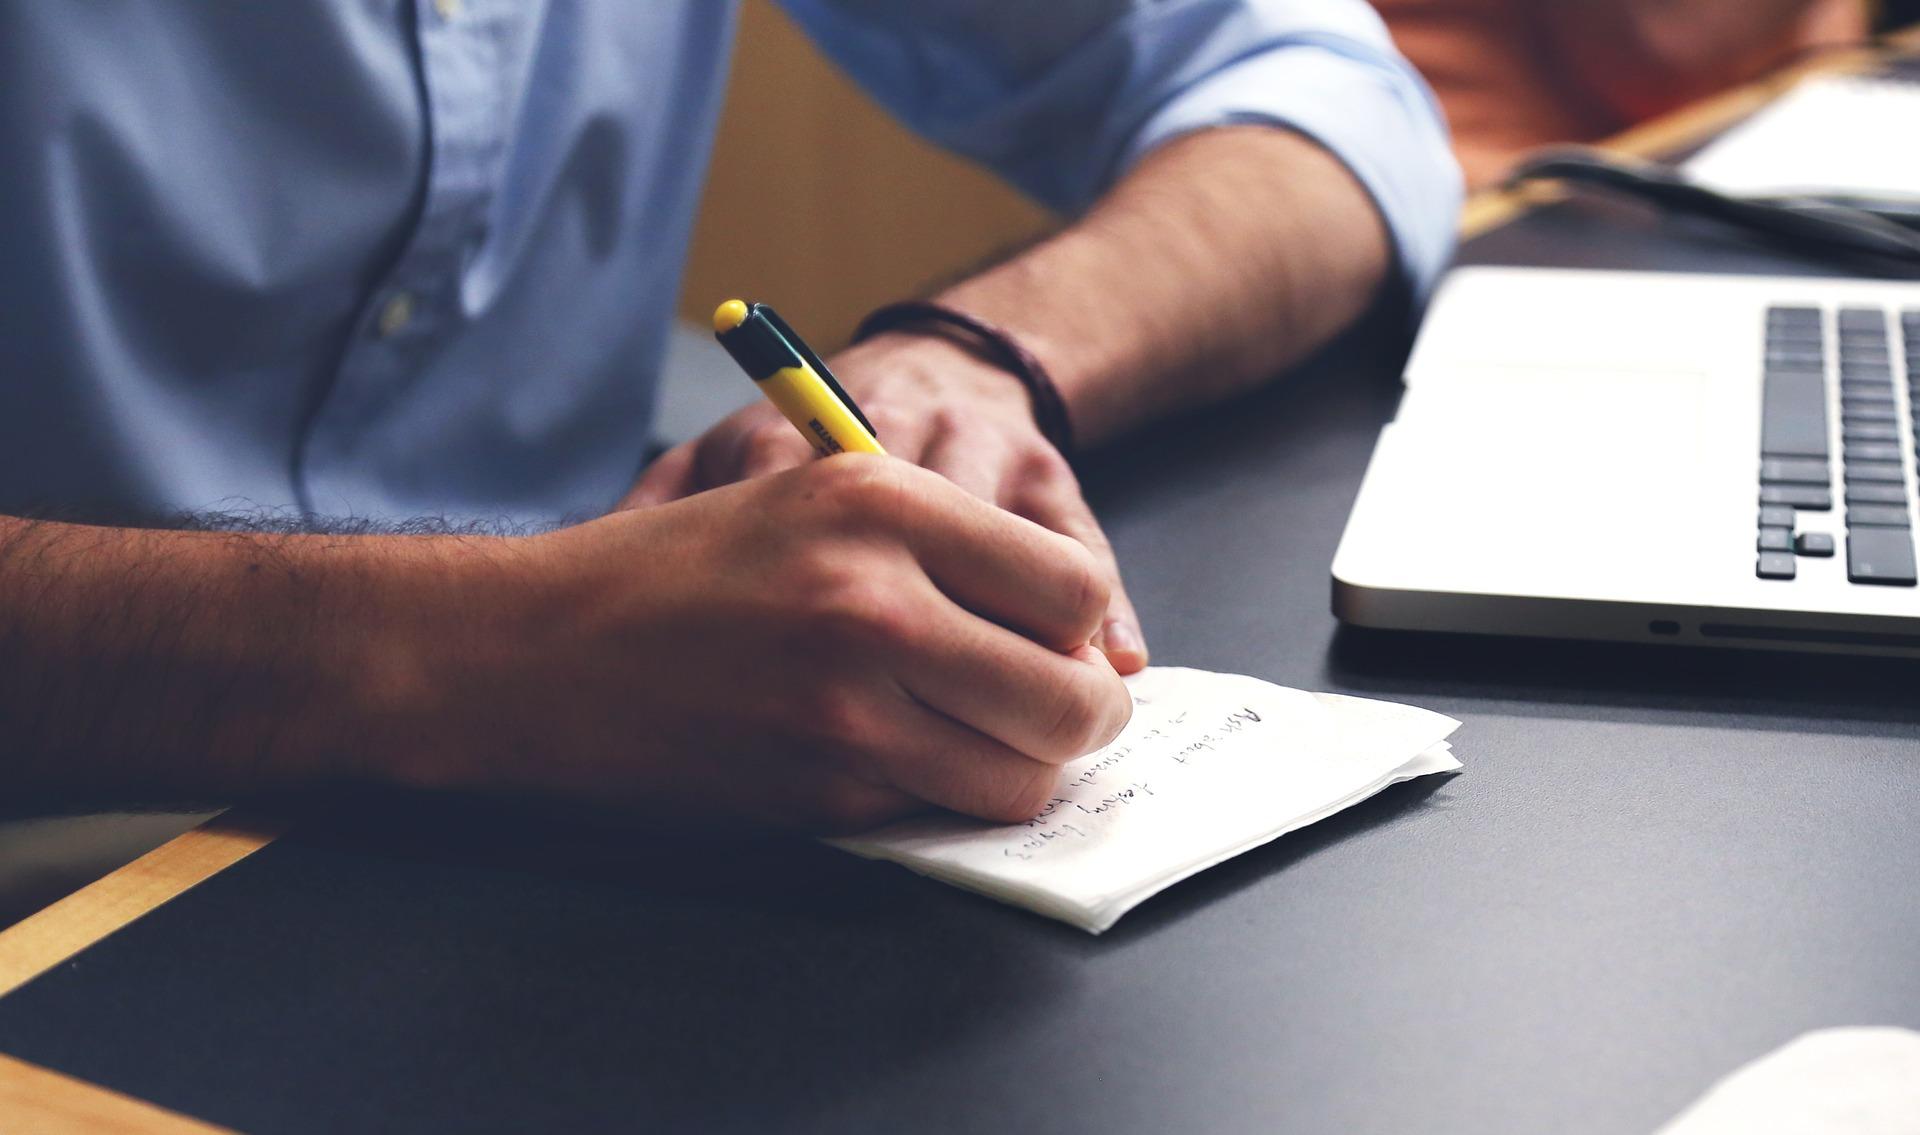 Badanie PwC: Polscy przedsiębiorcy niezadowoleni z działania organów podatkowych